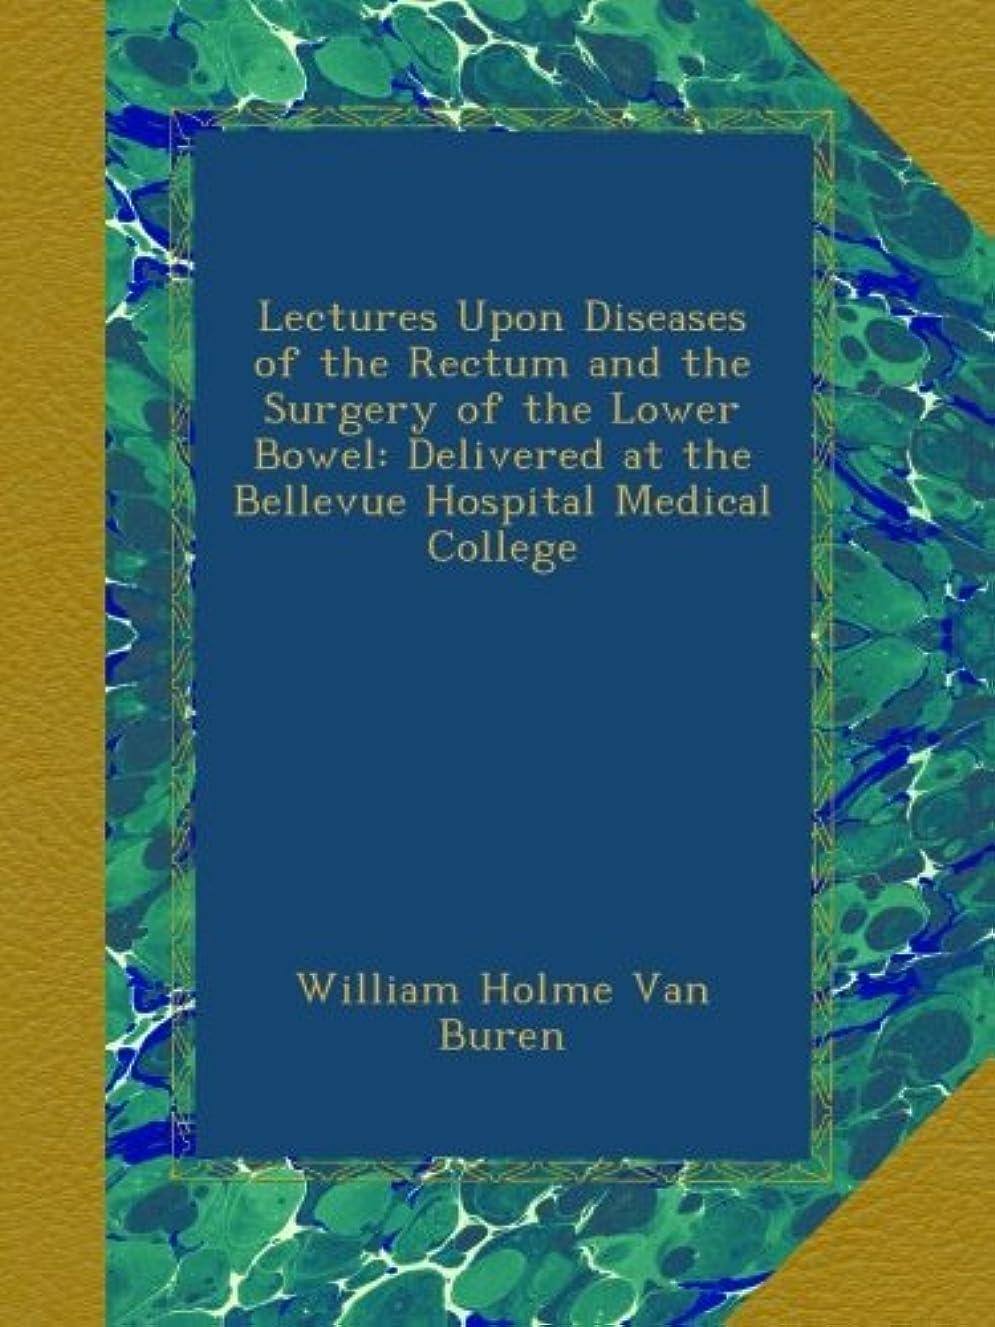 警察署飛行機資本Lectures Upon Diseases of the Rectum and the Surgery of the Lower Bowel: Delivered at the Bellevue Hospital Medical College